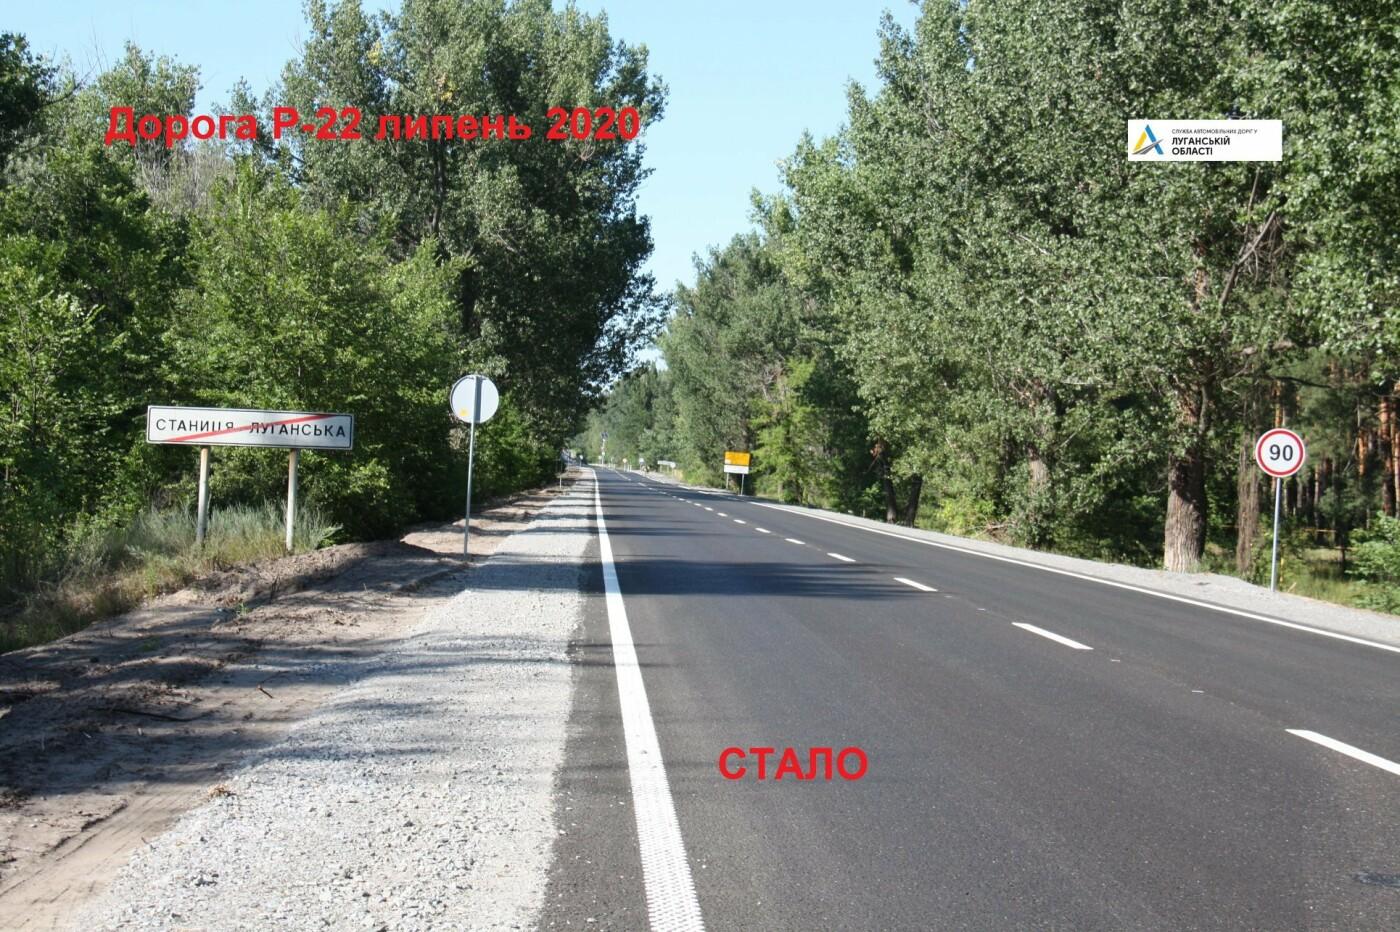 Было - стало. Автодорожники показали результаты ремонта дороги Северодонецк-Станица-Луганская, фото-14